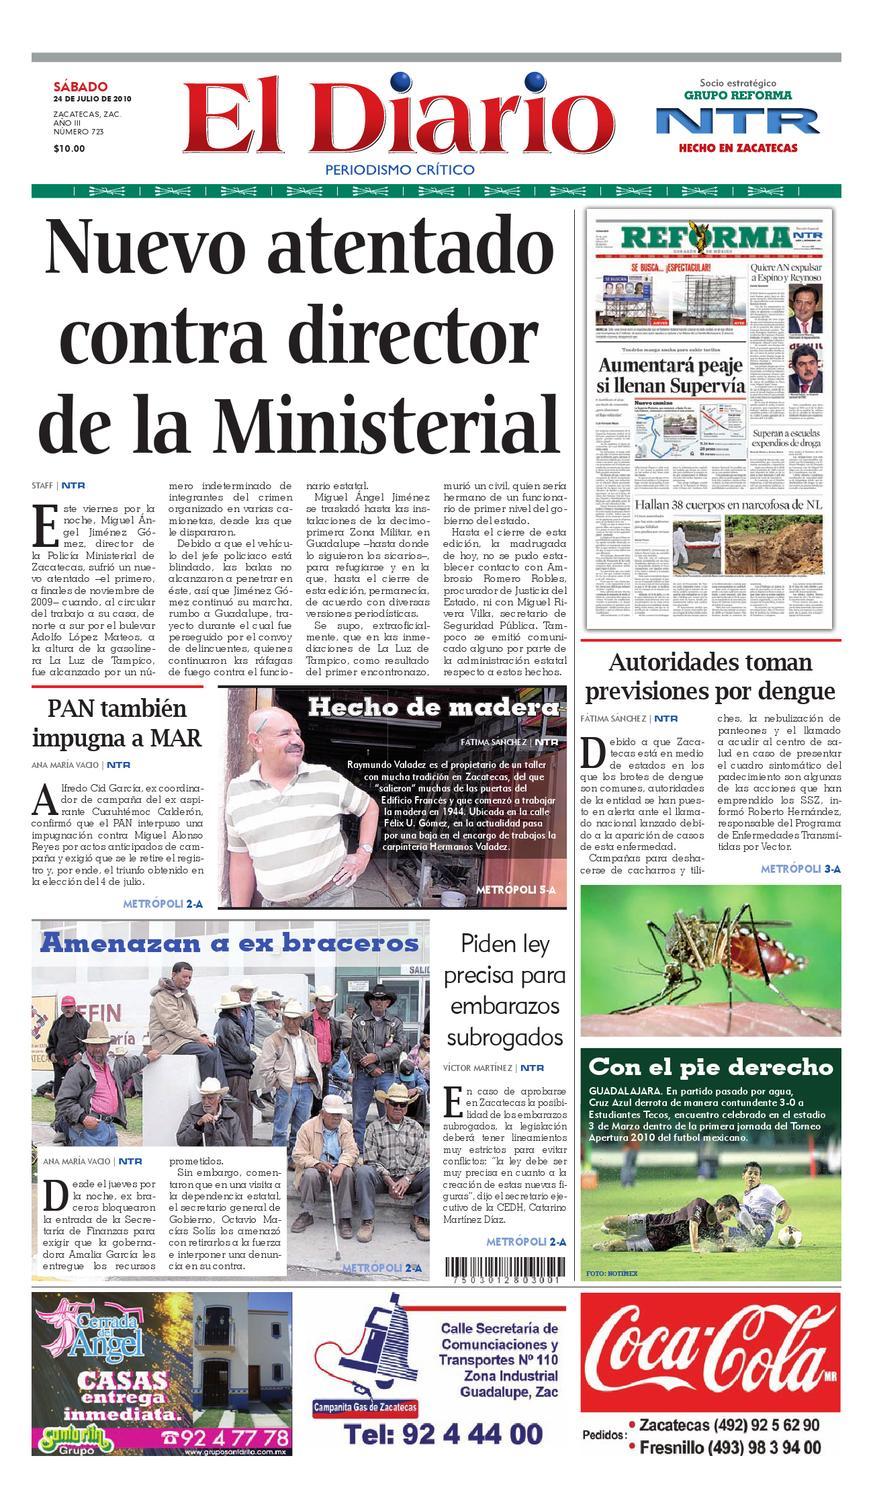 9cf0c0159804 El Diario NTR by NTR Medios de Comunicación - issuu